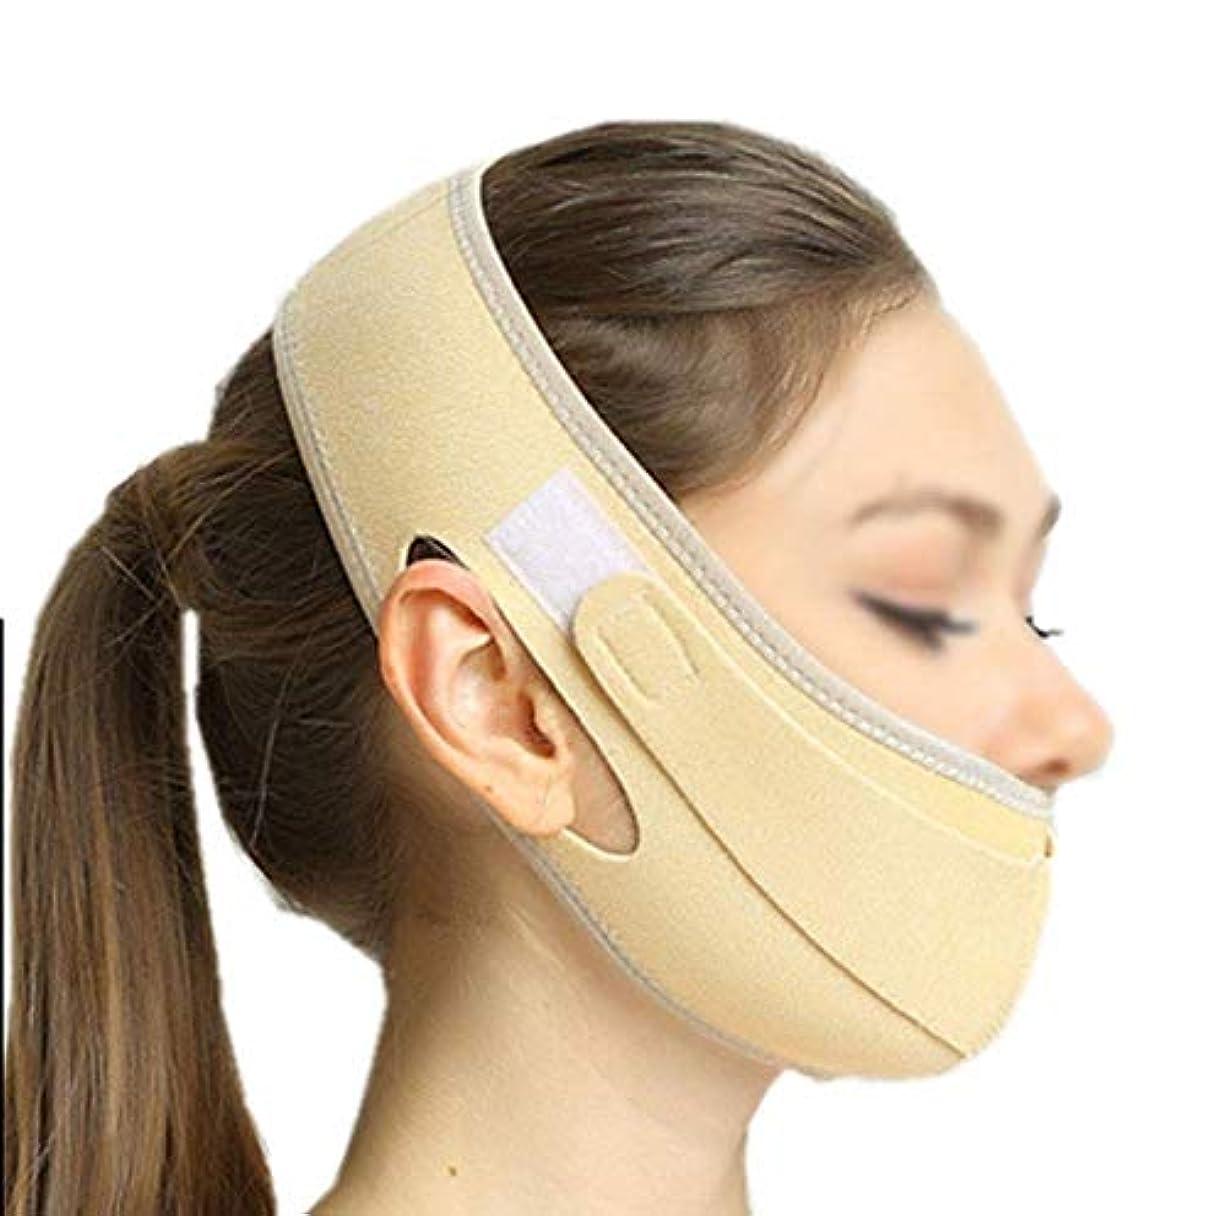 アルネキャンバス不明瞭フェイスリフトマスク、コスメティックリカバリーマスク、薄いダブルチンリフティングスキンで小さなVフェイスバンデージを作成